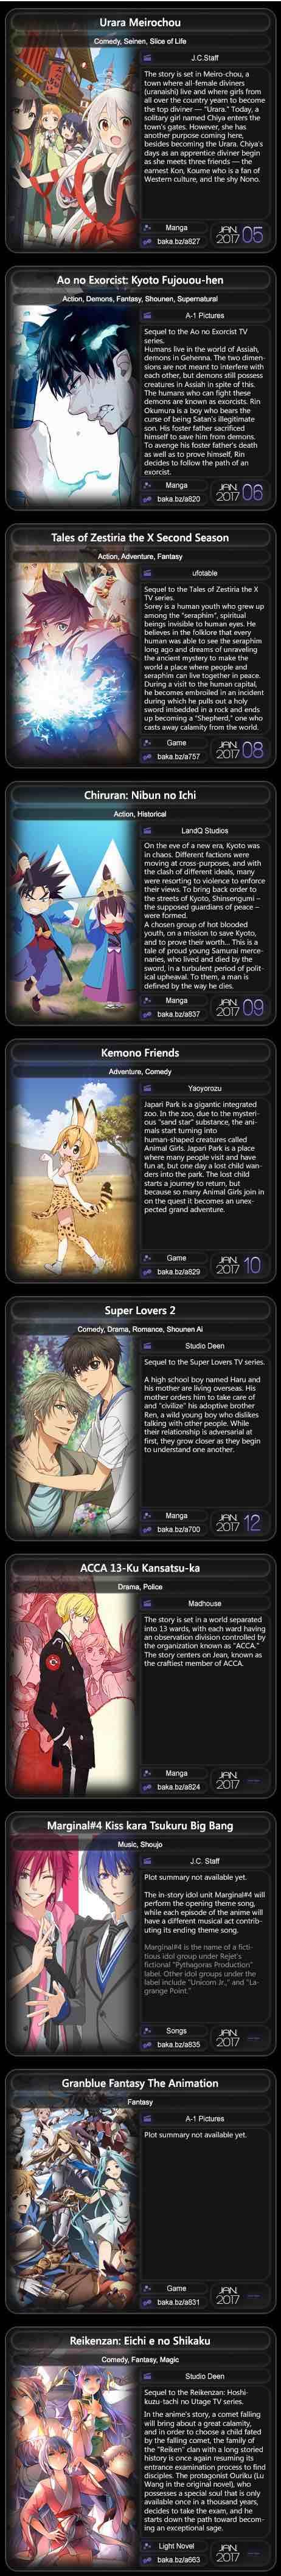 anime-list-4